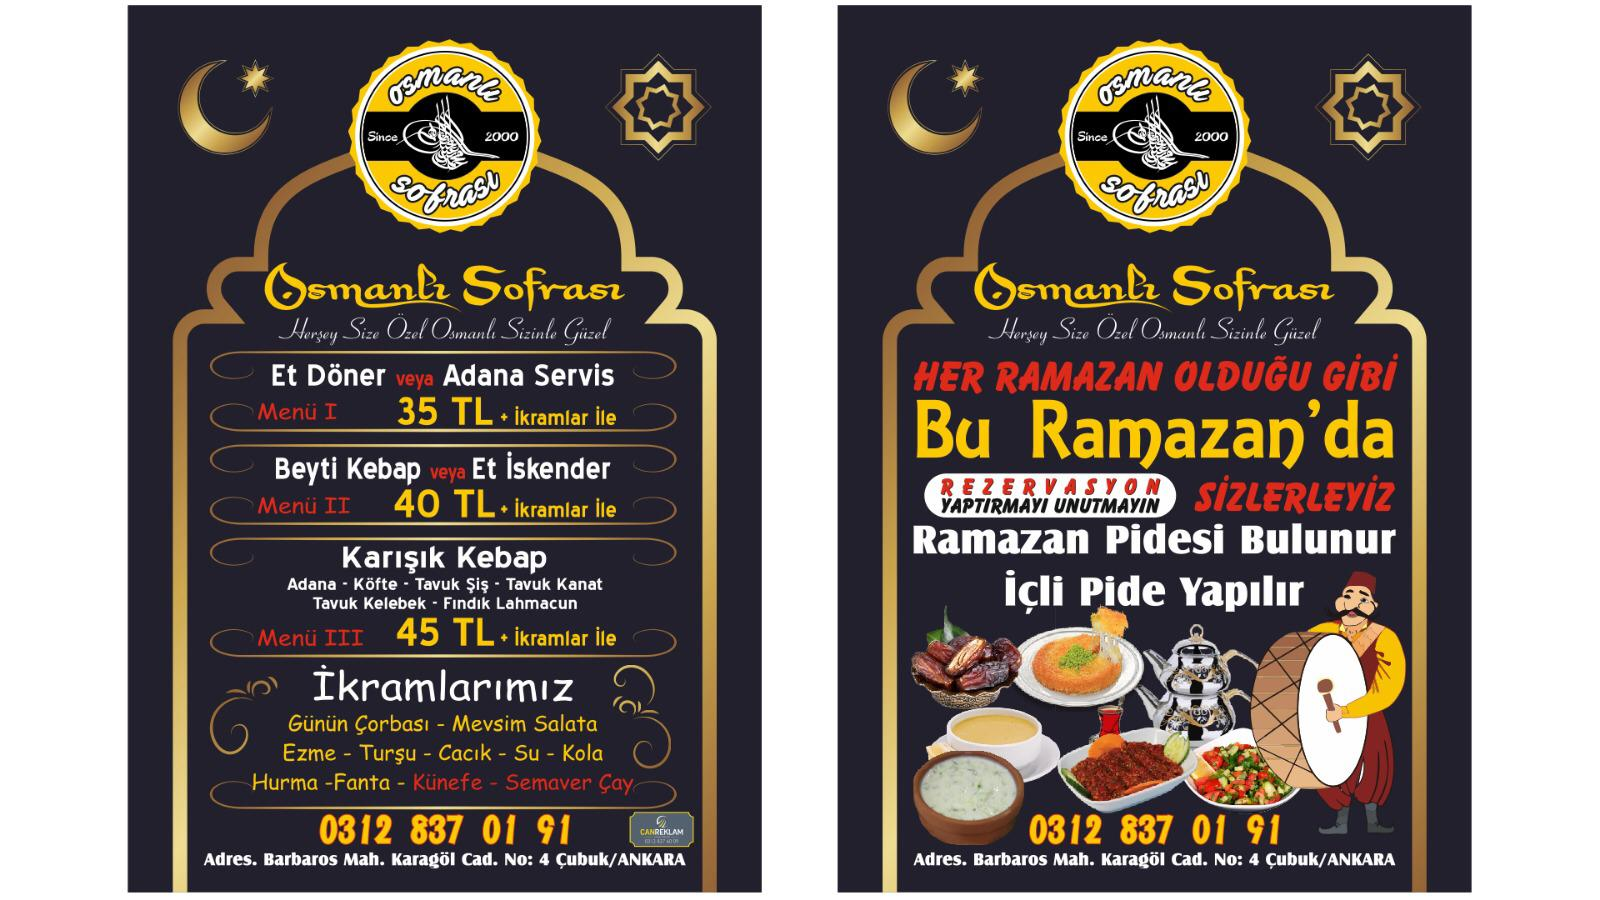 Sultanlara Layık İftar İçin Osmanlı Sofrası